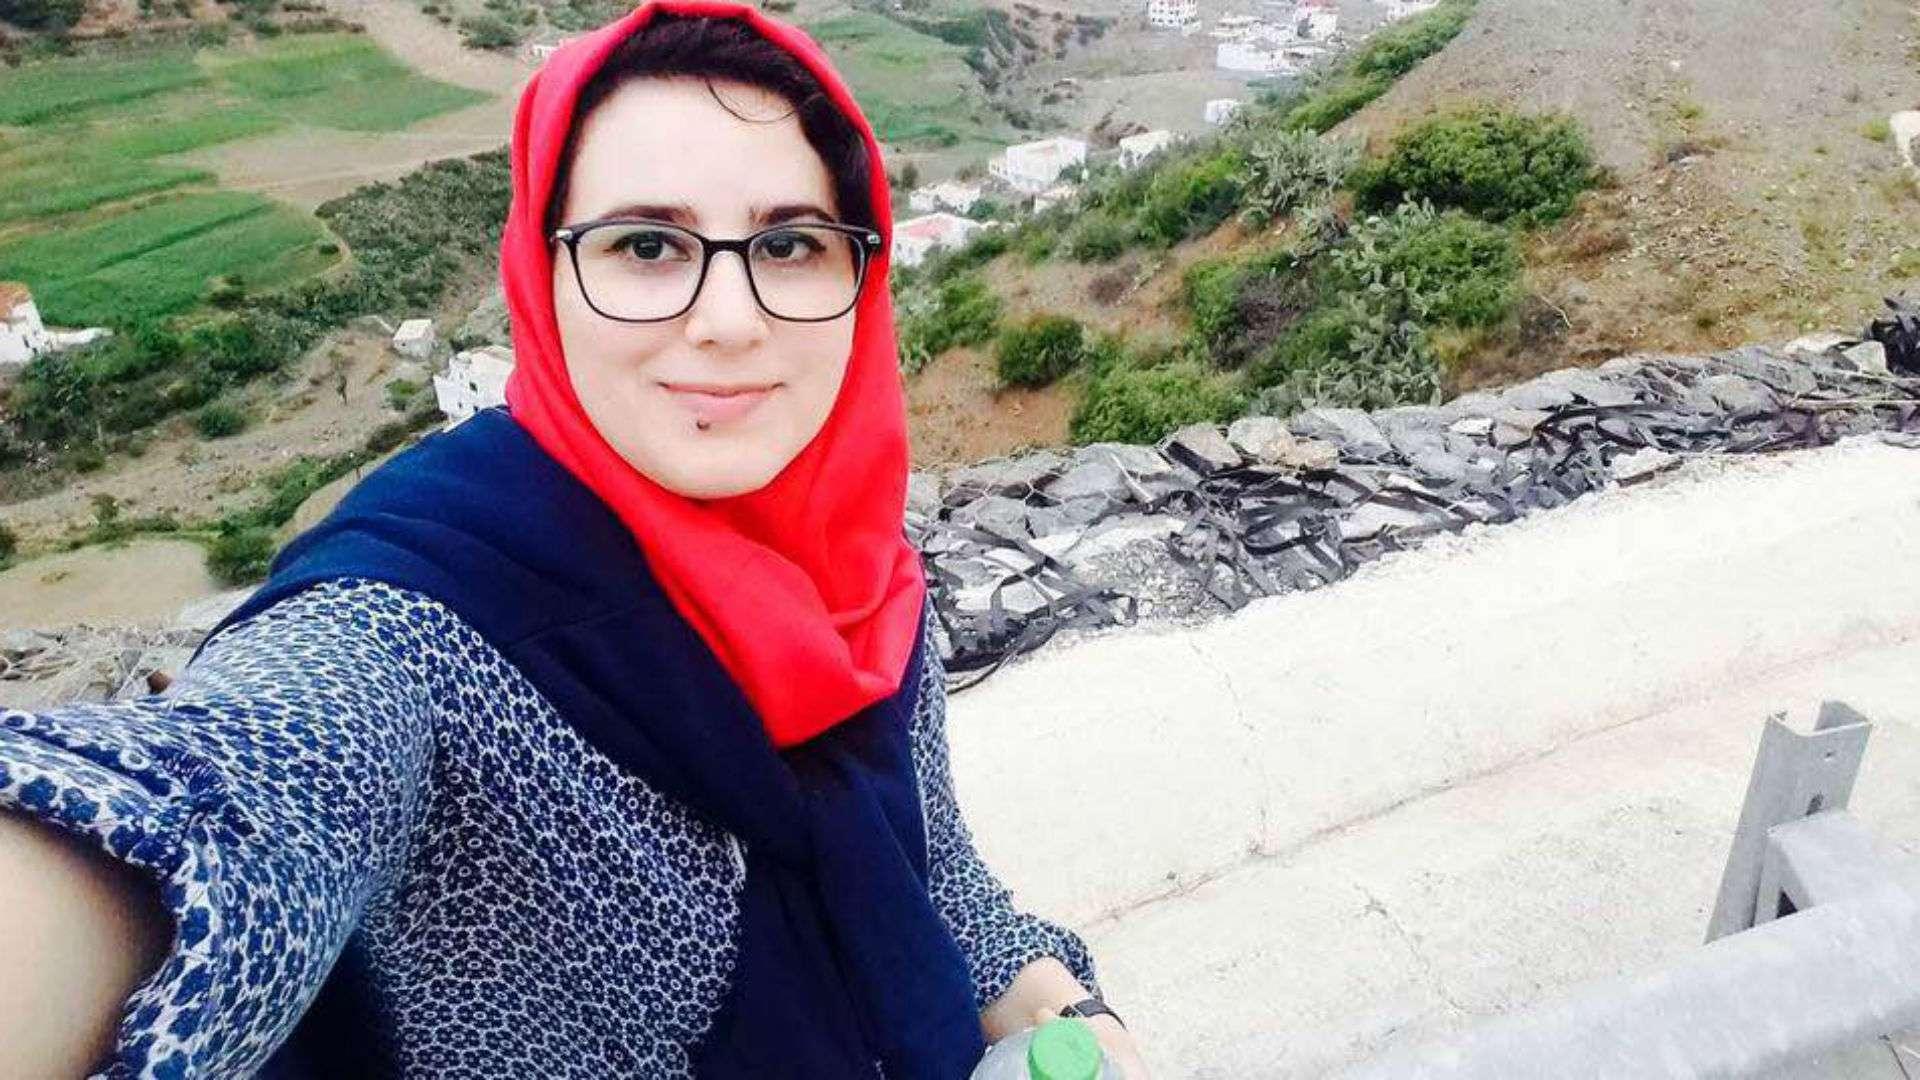 اعتقال الصحفية المغربية هاجر الريسوني يفتقر للأسس القانونية